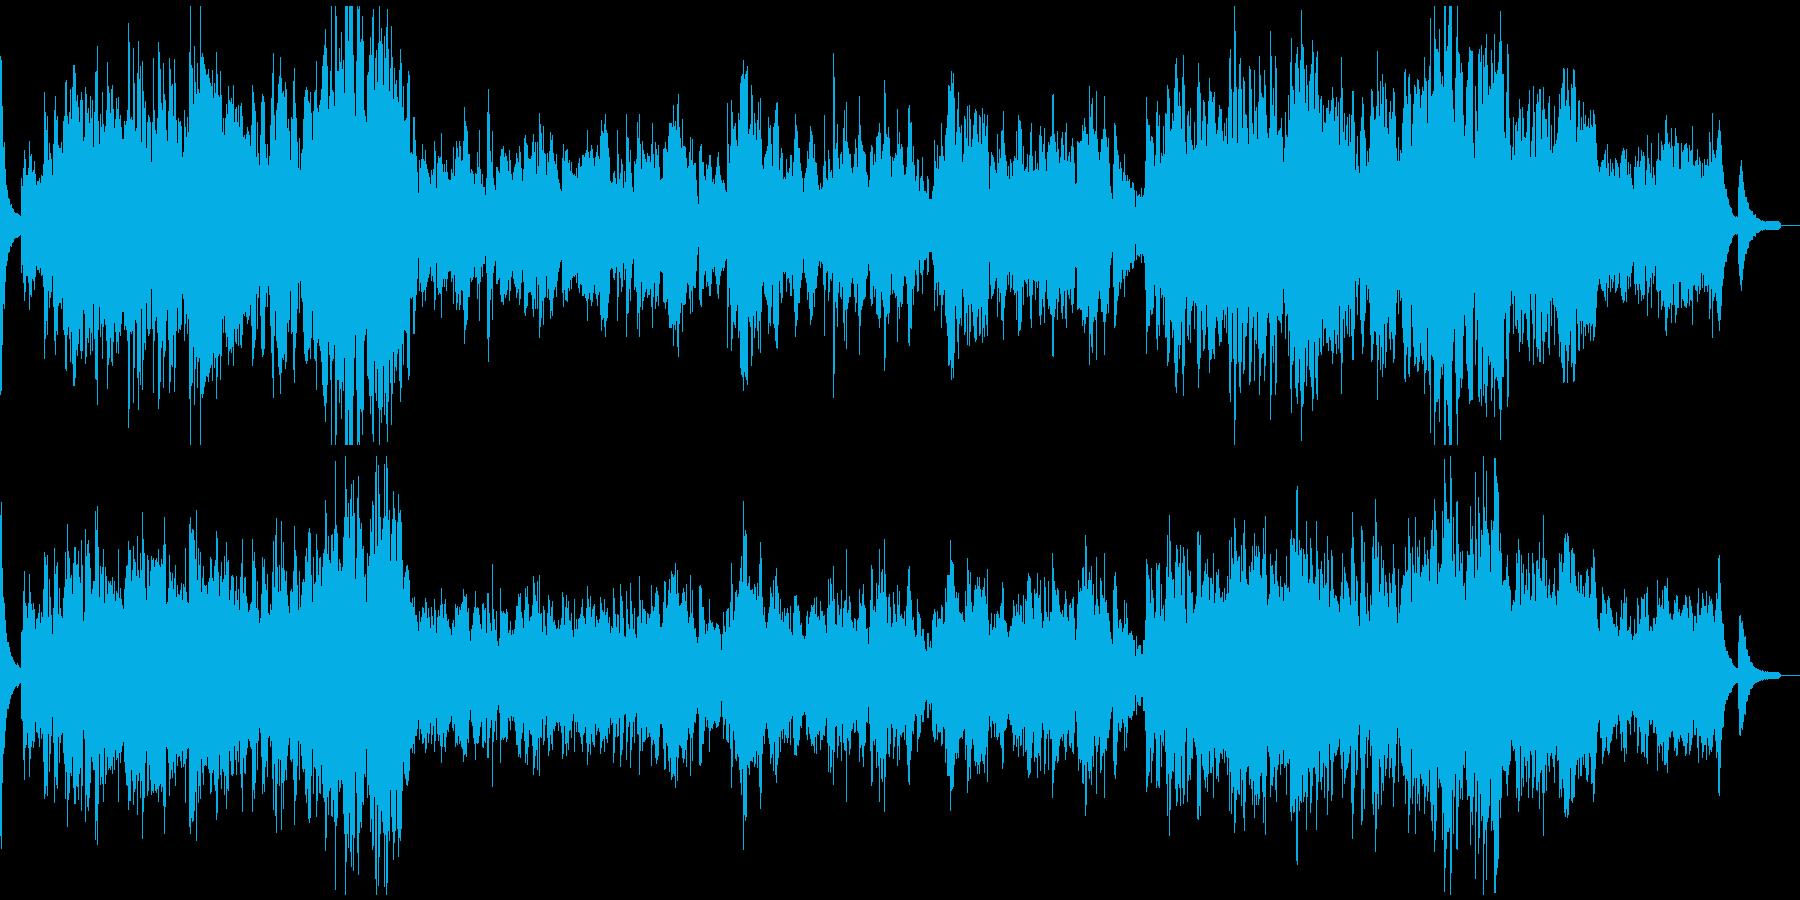 ピアノ名曲ショパン 幻想即興曲の再生済みの波形